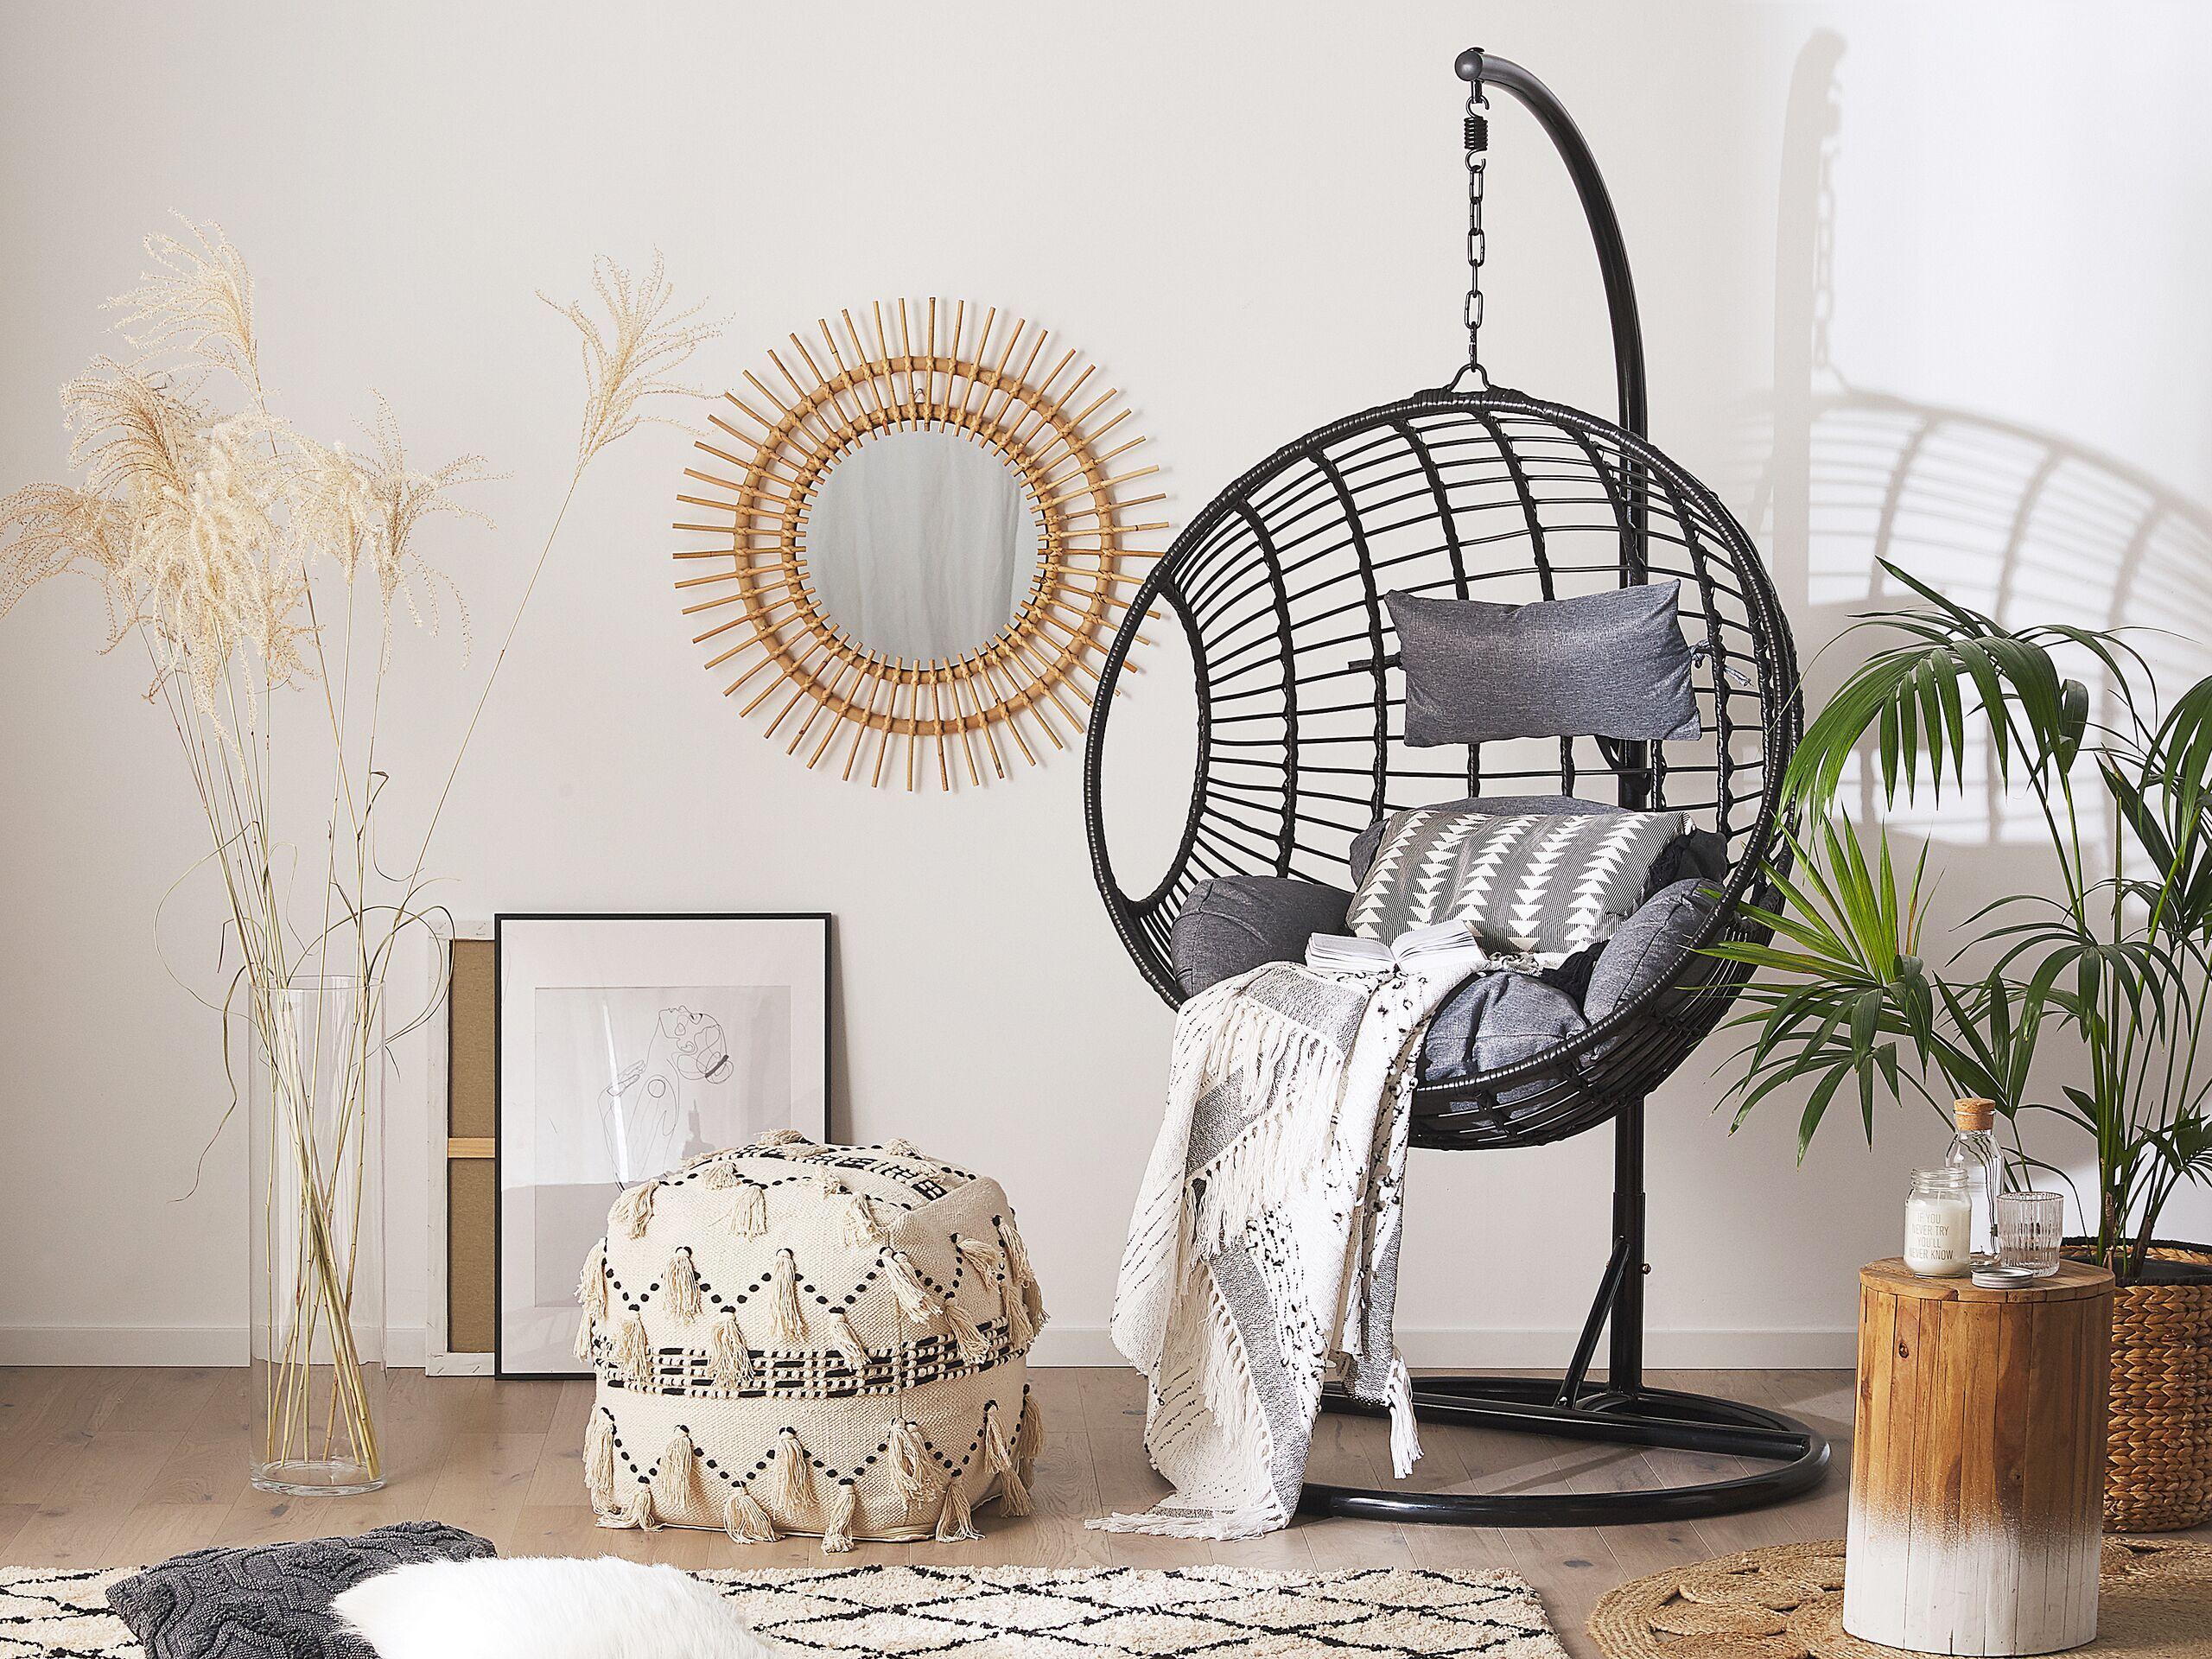 beliani sedia sospesa con cesta rotonda di rattan nero per interno ed esterno